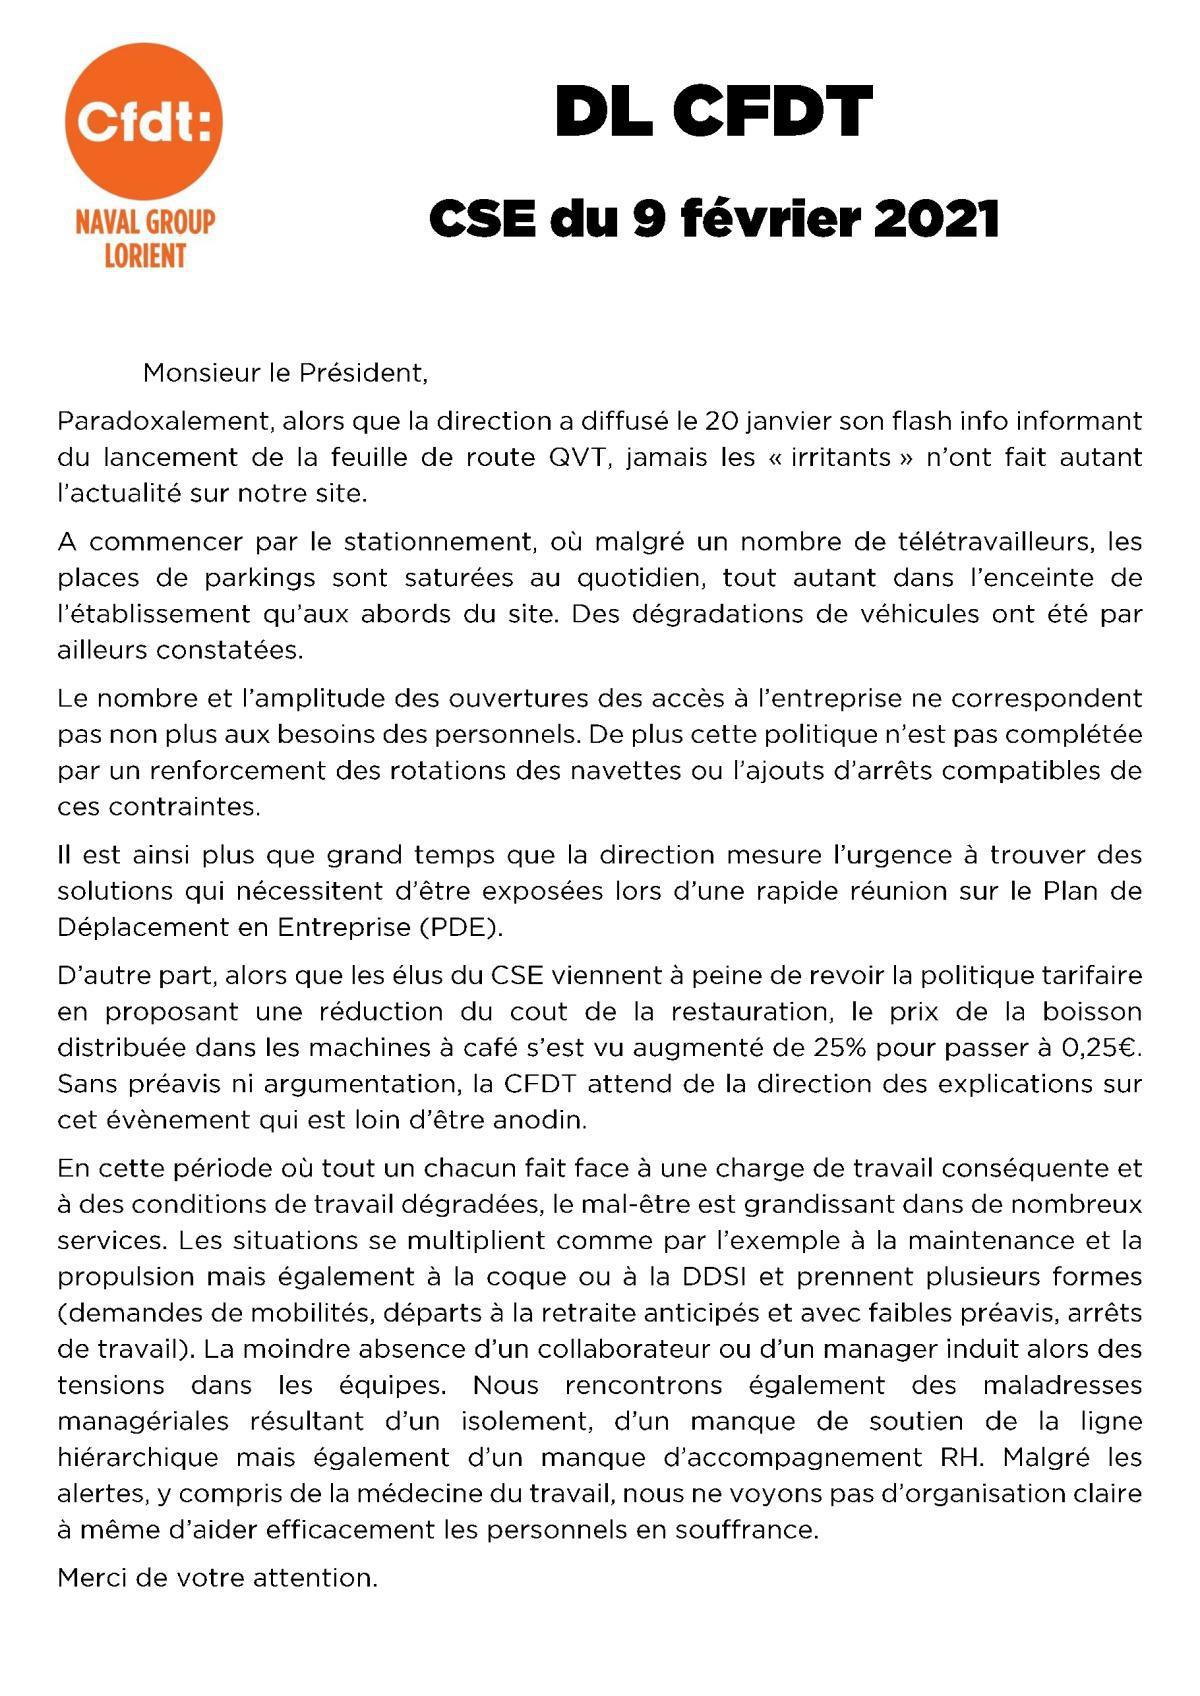 Déclaration CFDT au CSE du 9 février